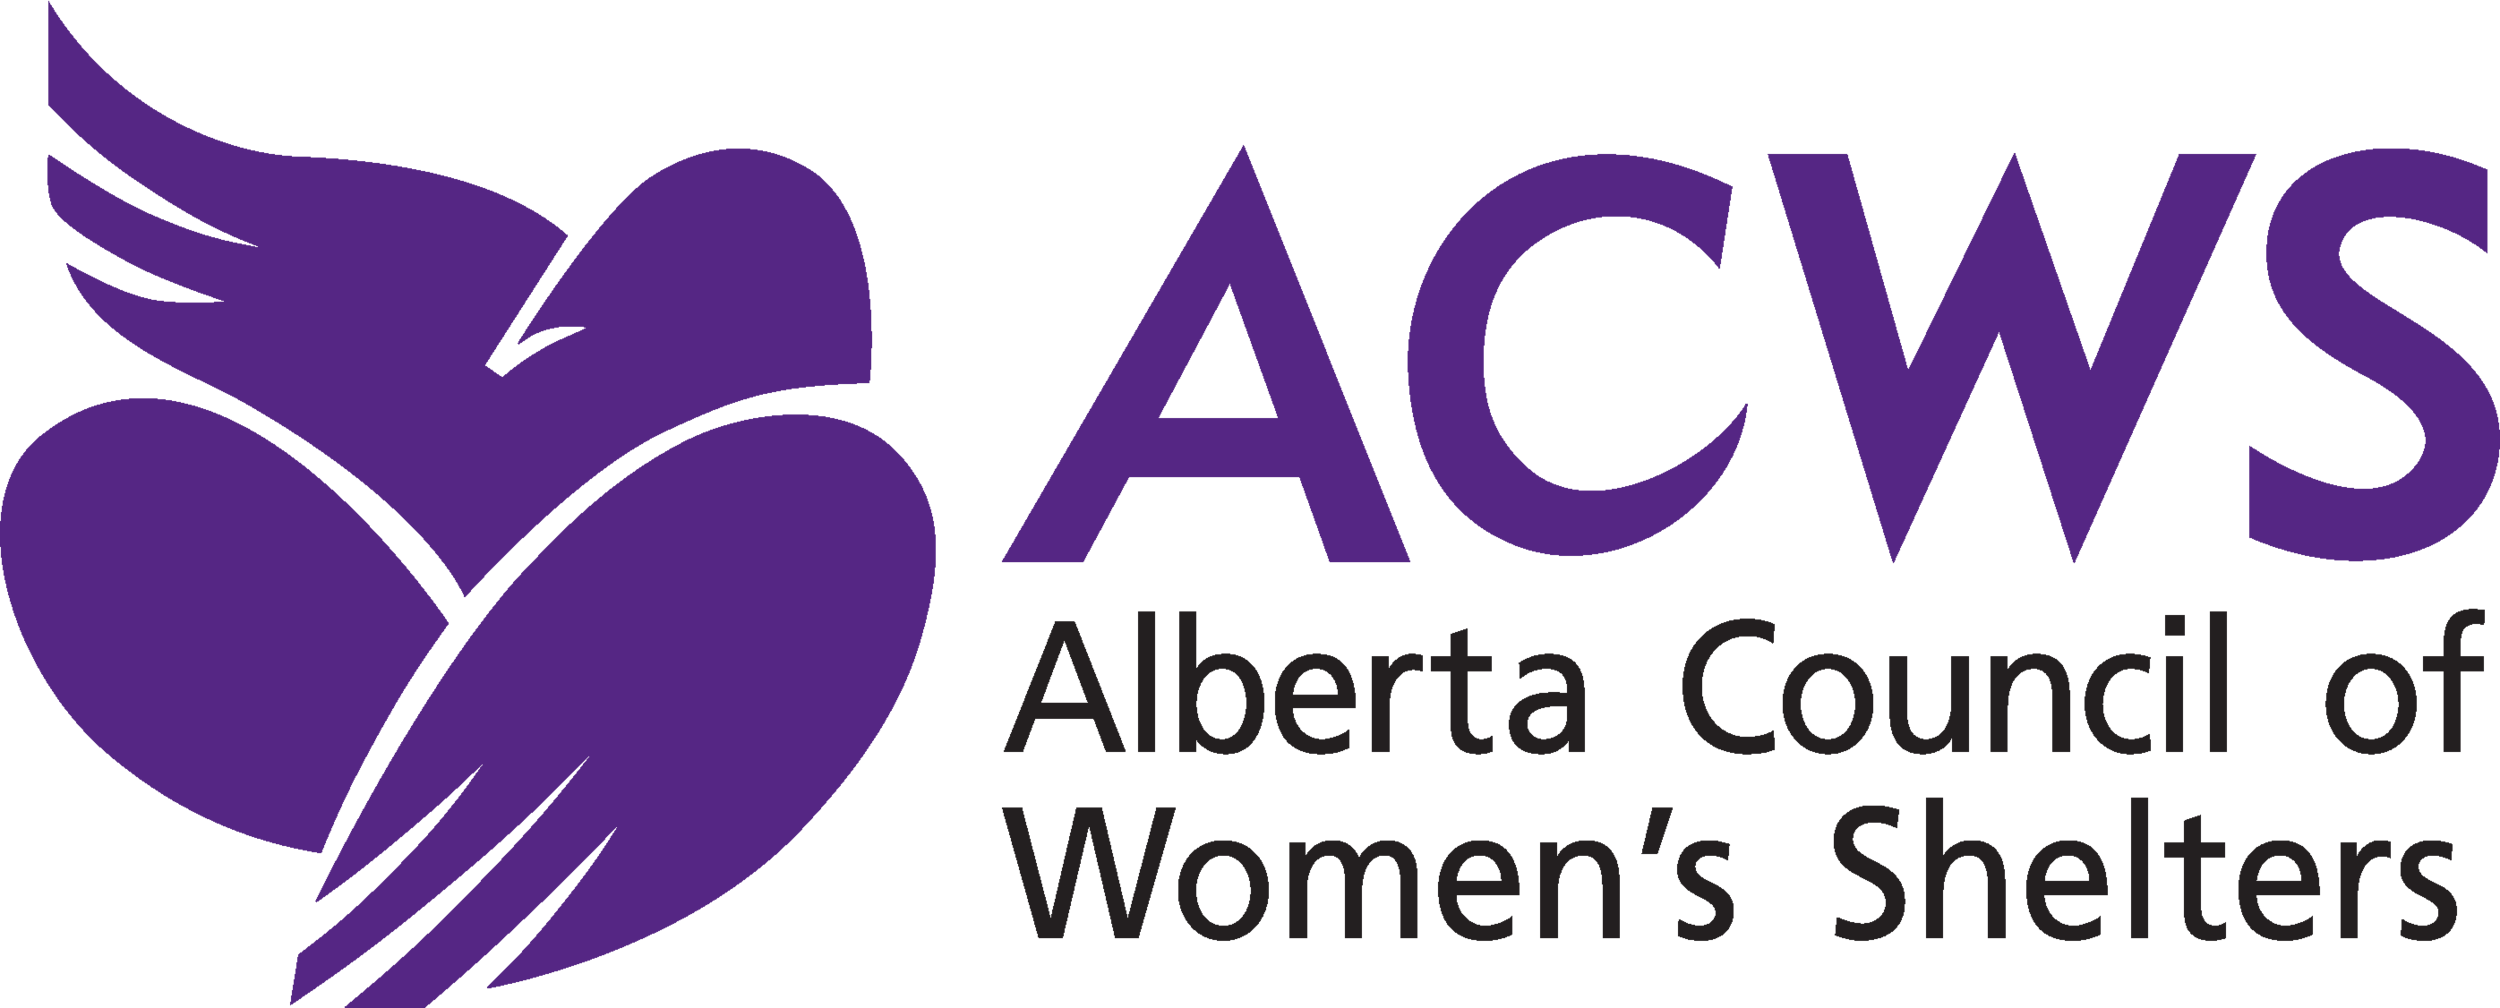 ACWS Logo.png